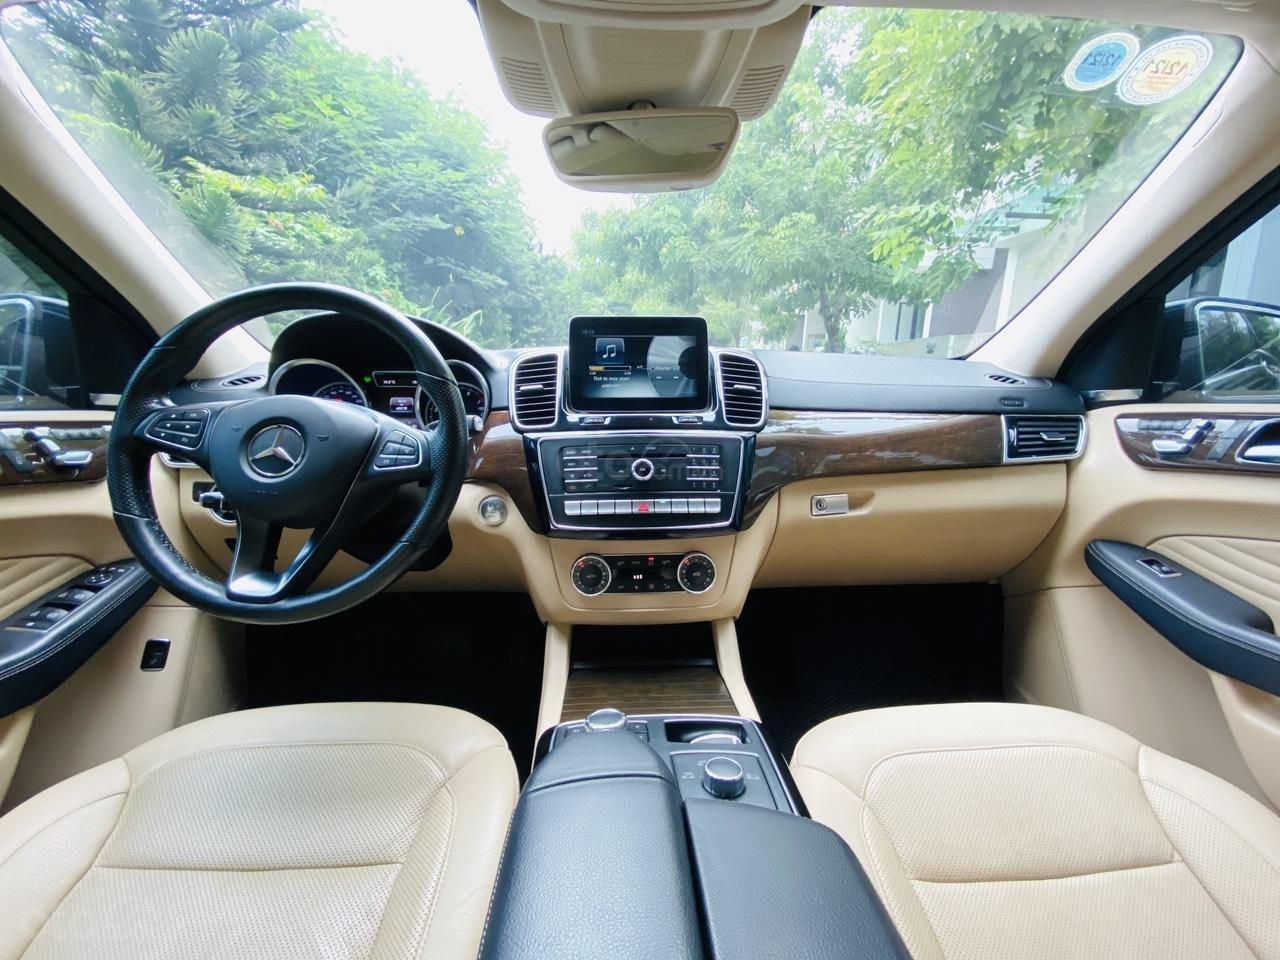 Bán ô tô Mercedes GLE Couple sản xuất 2016 nhập khẩu (8)